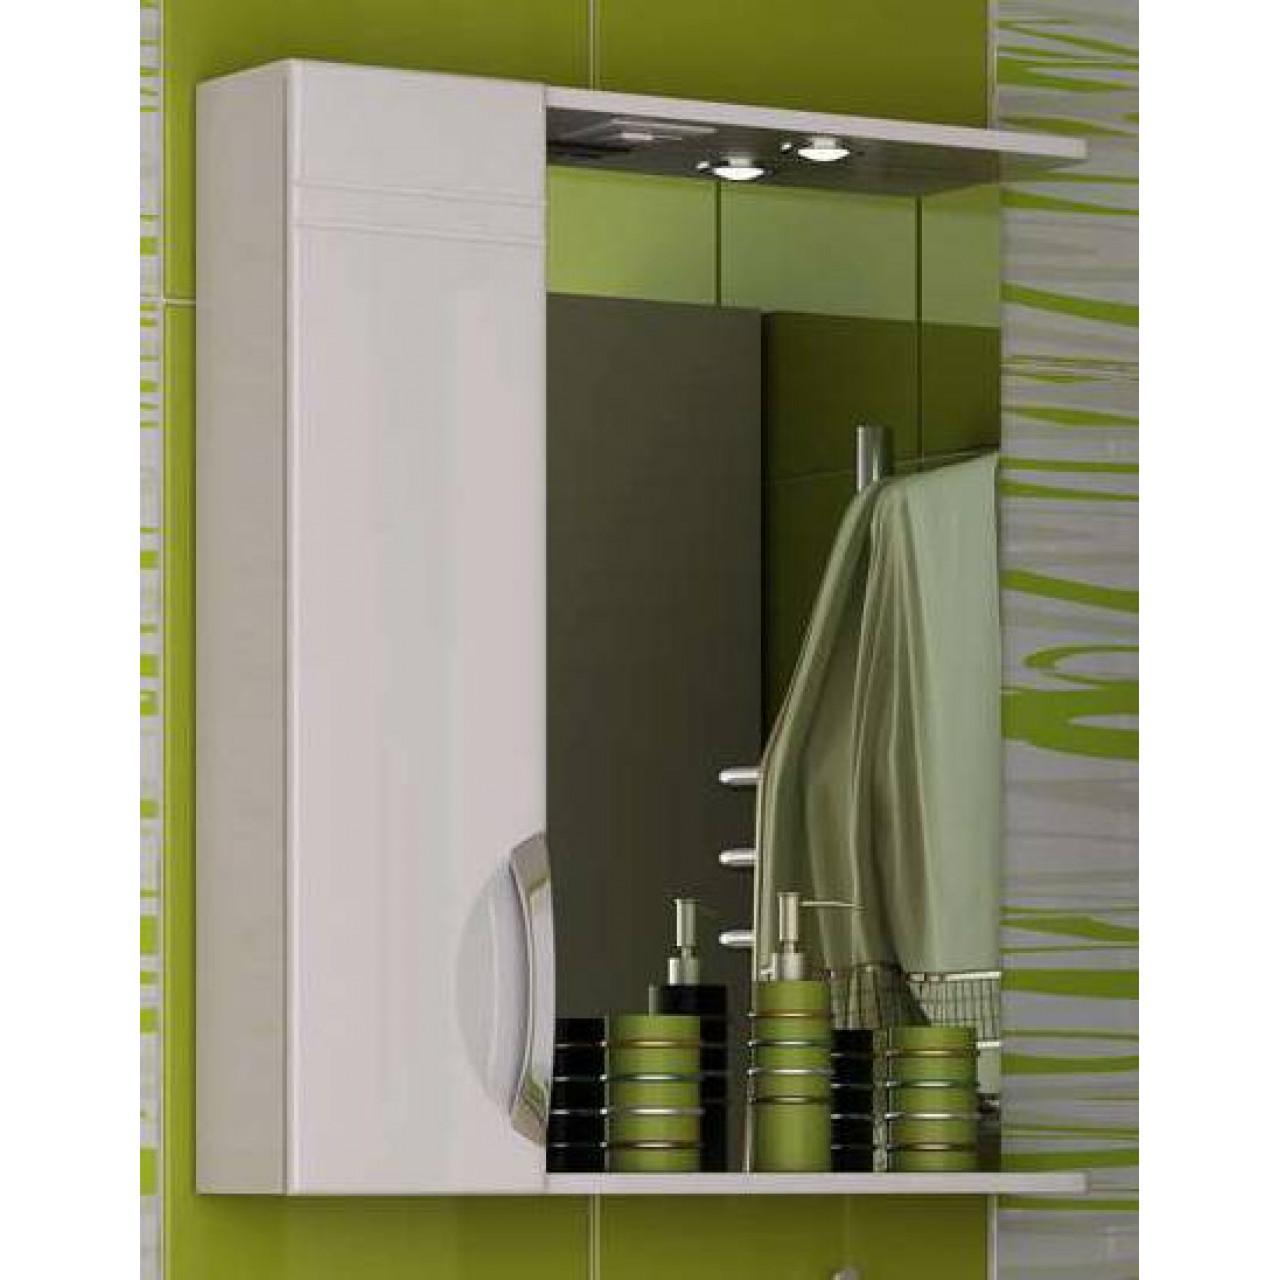 Шкаф-зеркало Francesca Доминго 60 С купить в Москве по цене от 5590р. в интернет-магазине mebel-v-vannu.ru